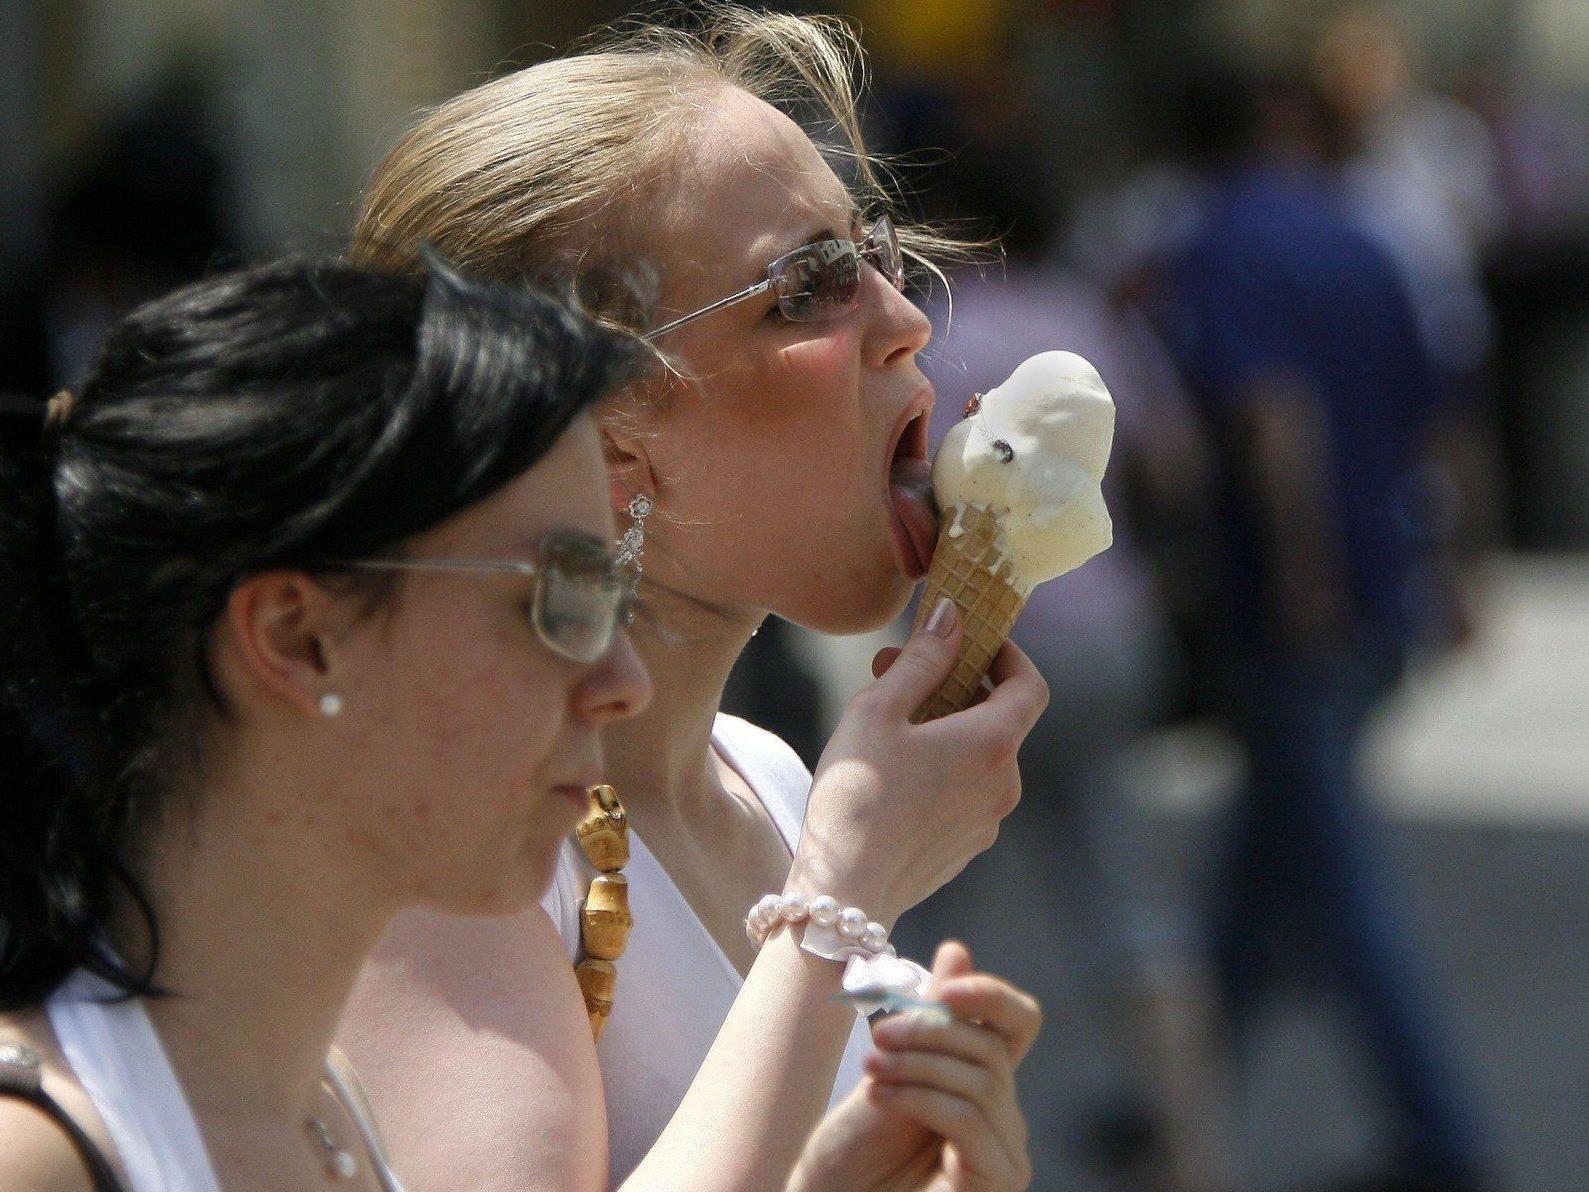 Der verregnete Mai ist in Wien verantwortlich für leere Eissalons.